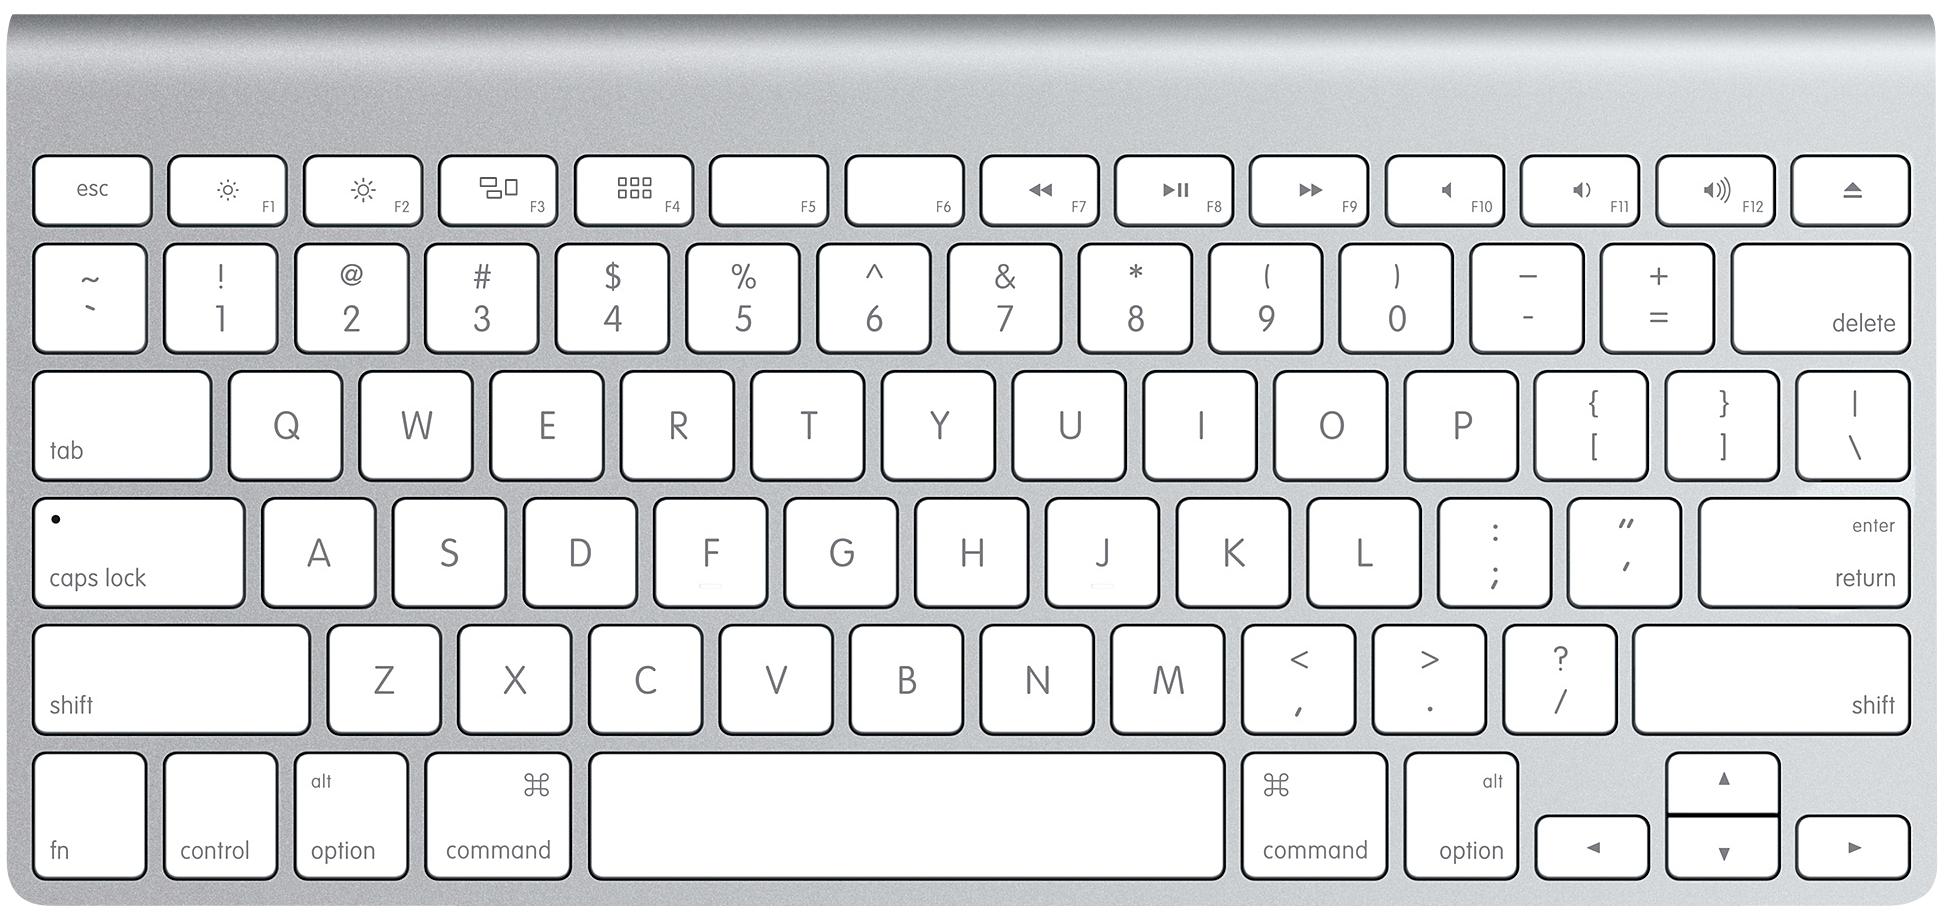 teclado, qwerty, asistente de voz, google, noticias,